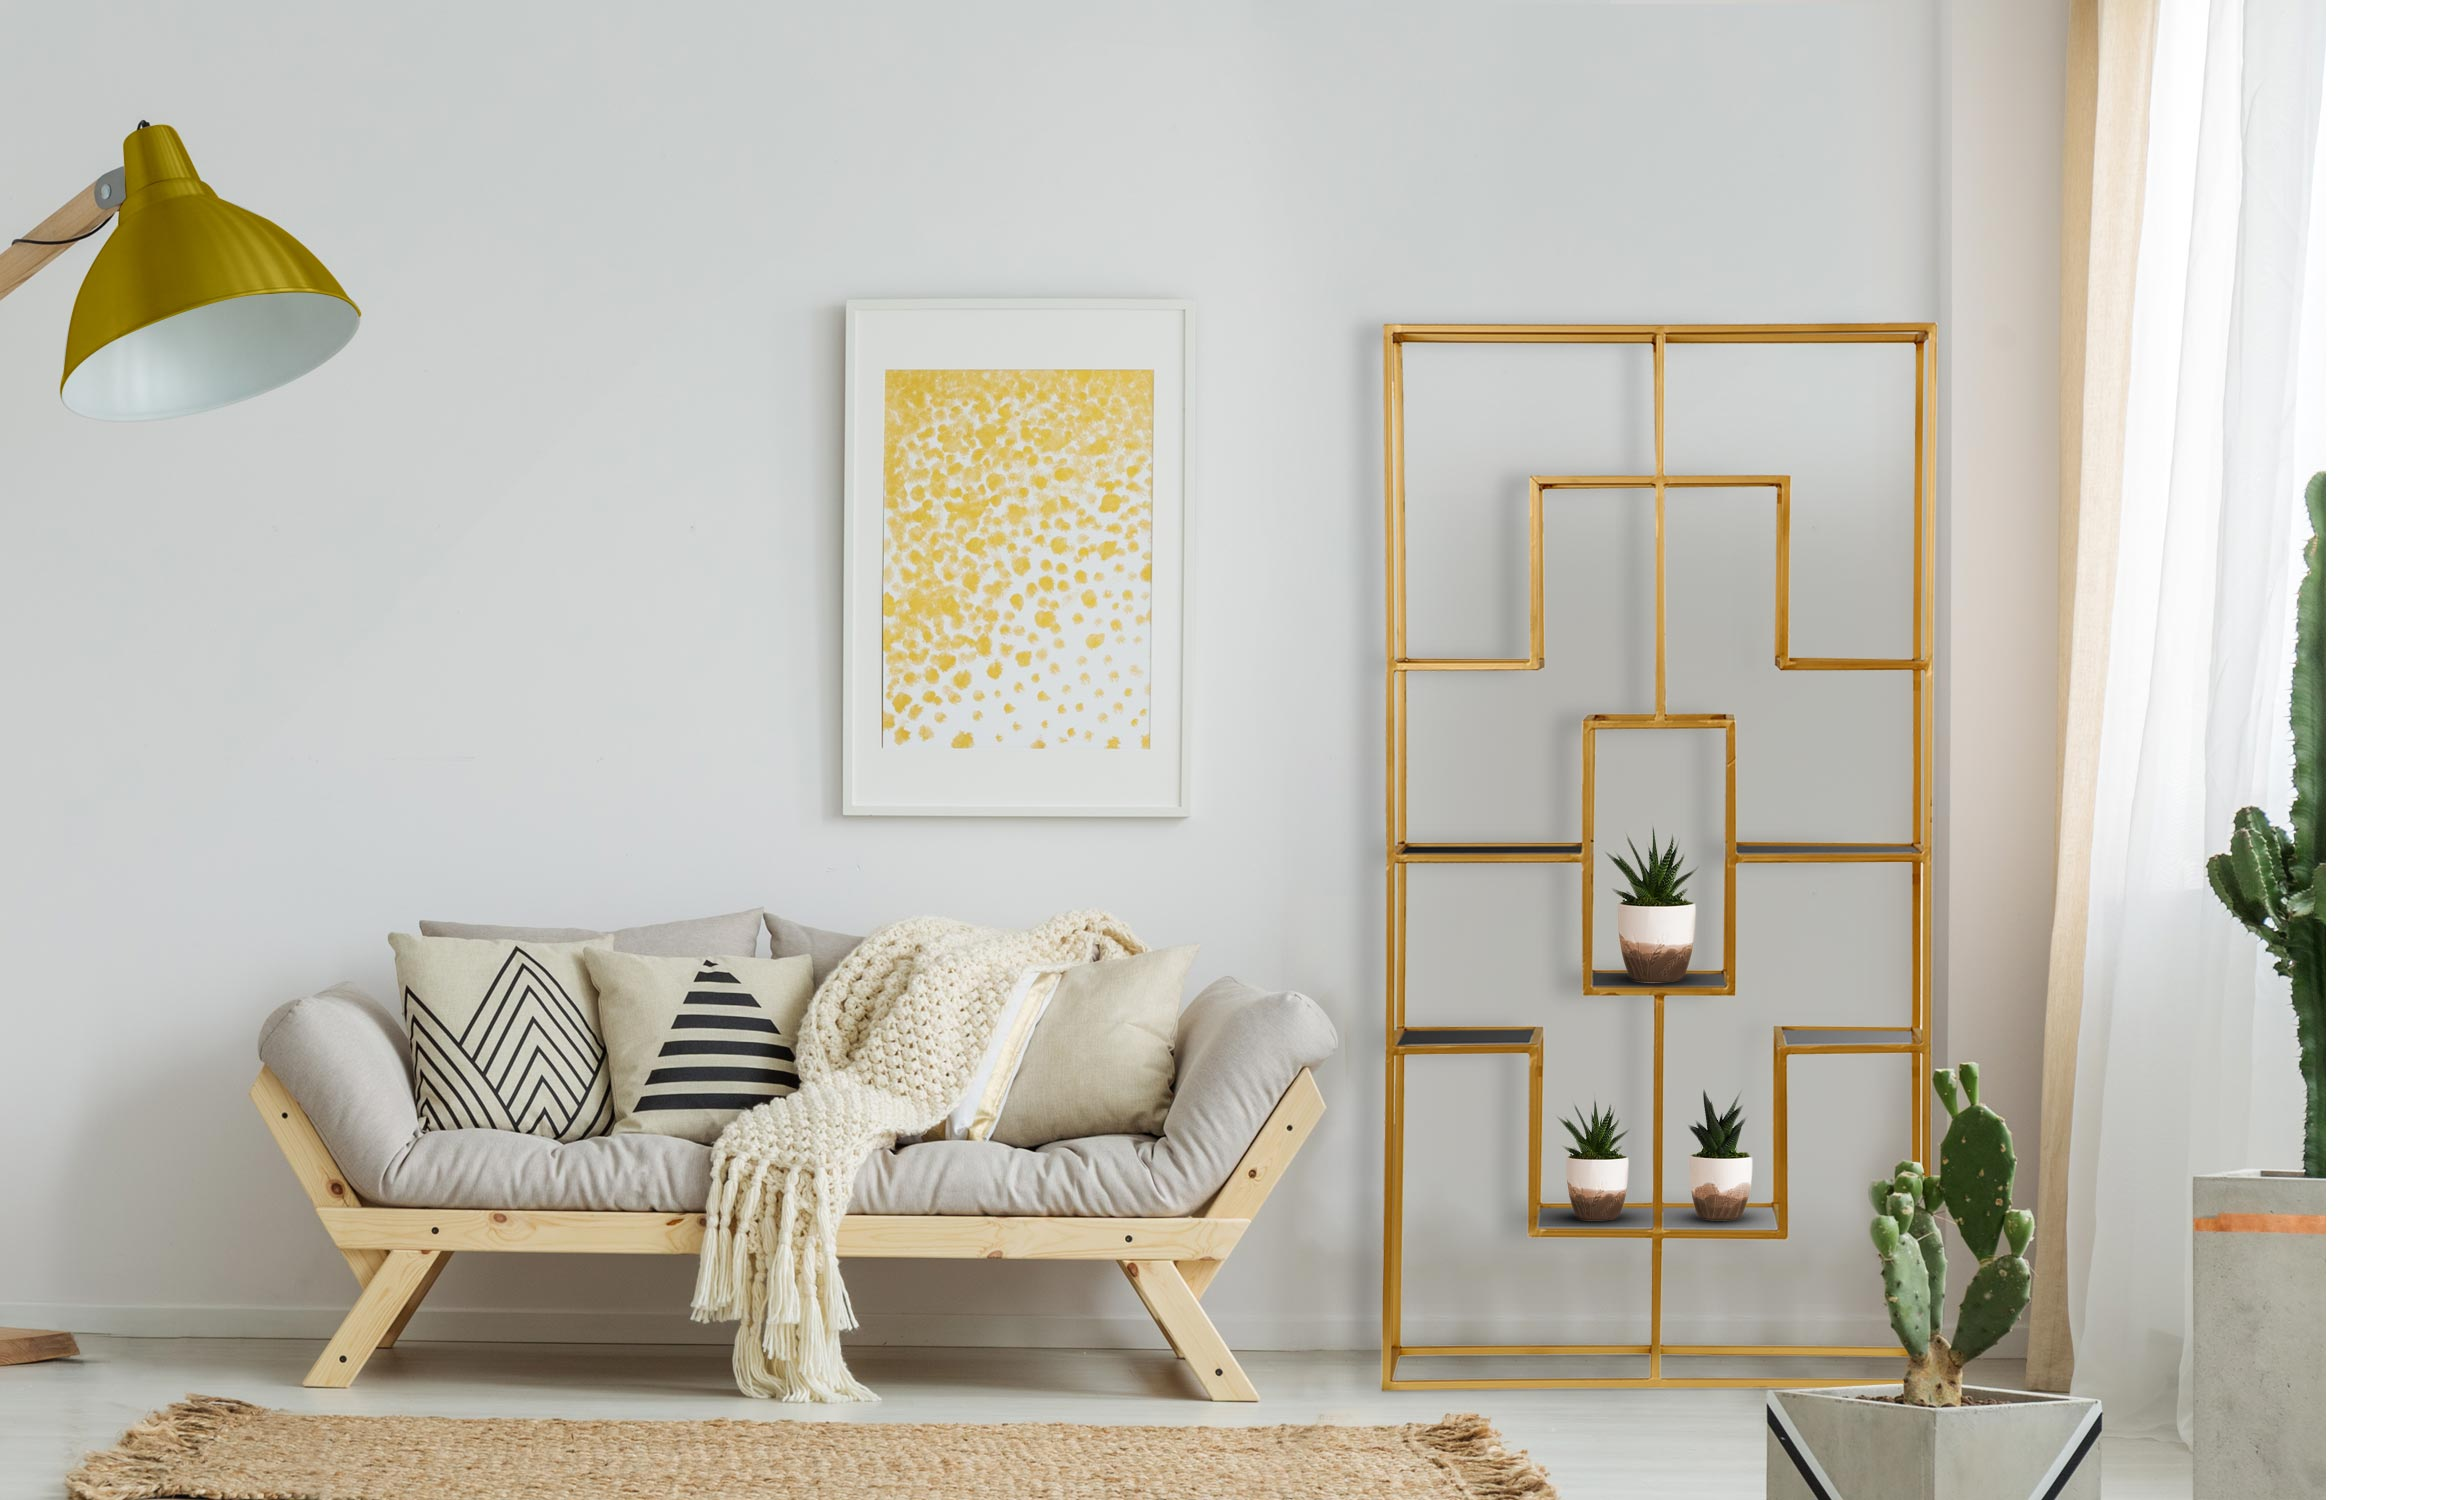 Mensola Barad in vetro e metallo dorato